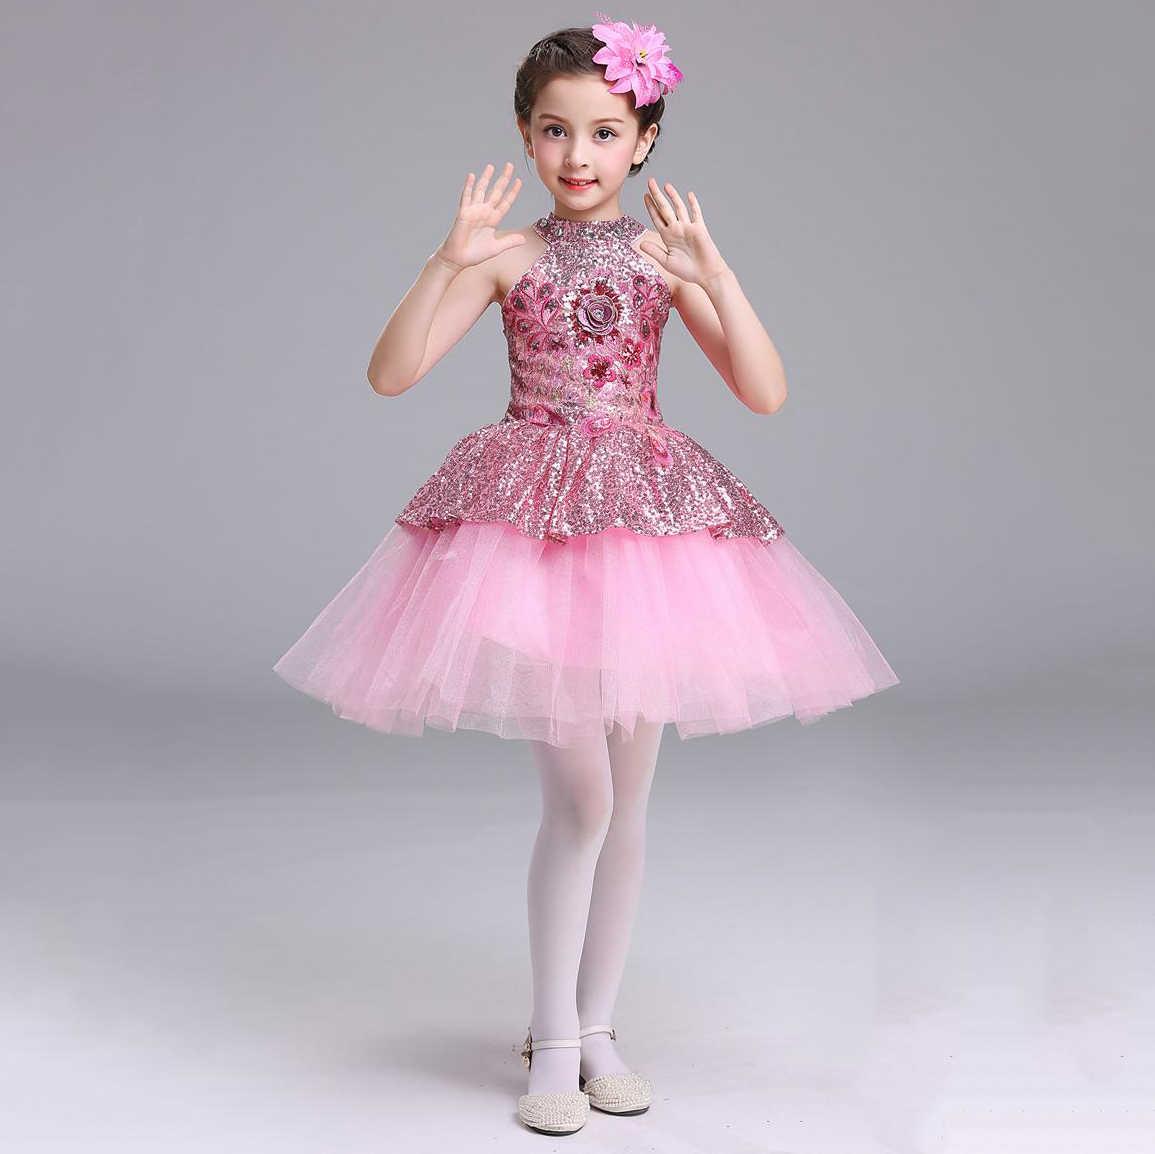 b244efe13008d ... Children Summer Clothing Girls Bling Bling Sequins Top Graduation Party  Jazz Dance Dress Girls Kids 2 ...